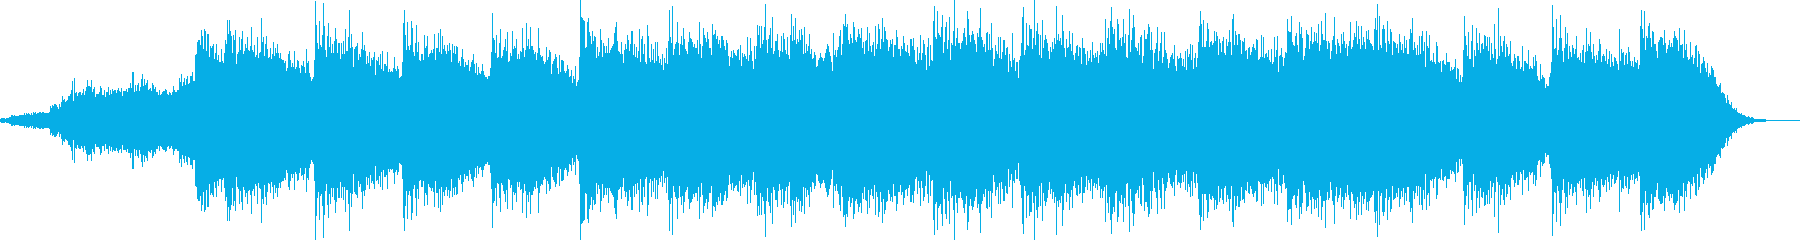 心の中のダークな本音を見透かすイメージの再生済みの波形